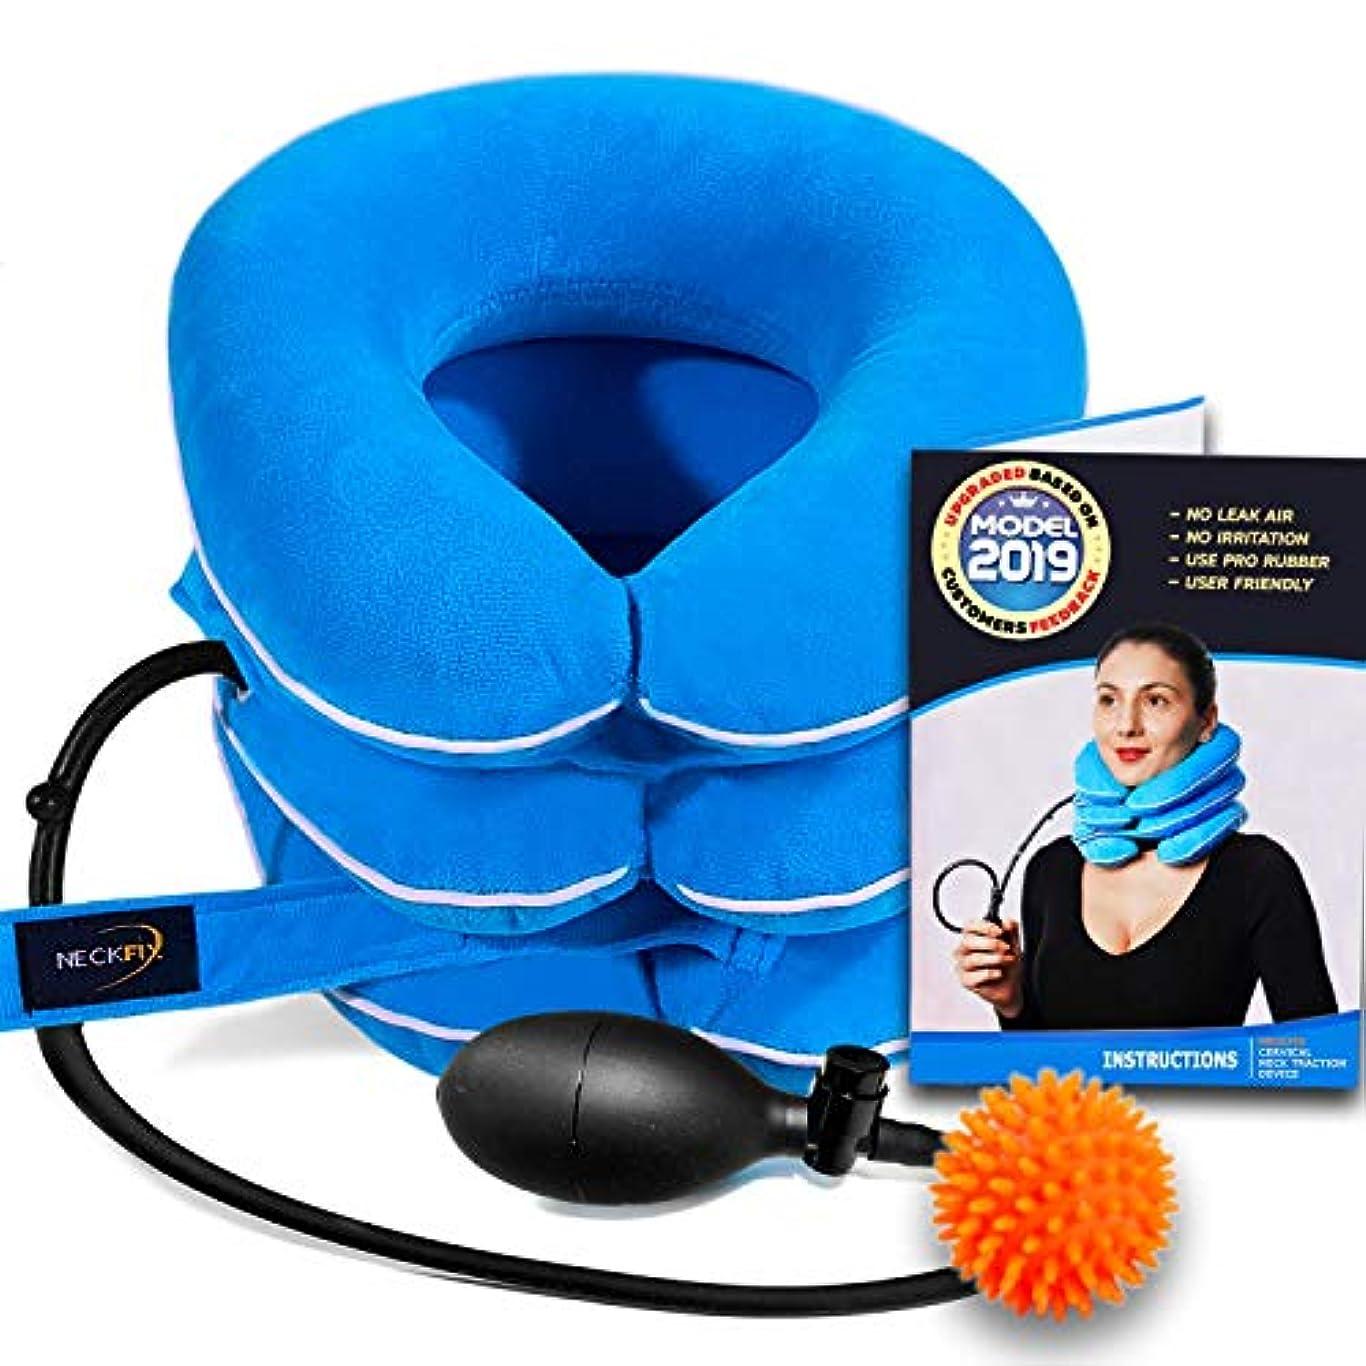 必需品ナチュラル熱意Cervical Neck Traction Device by NeckFix for Instant Neck Pain Relief [FDA Approved] - Adjustable Neck Stretcher...